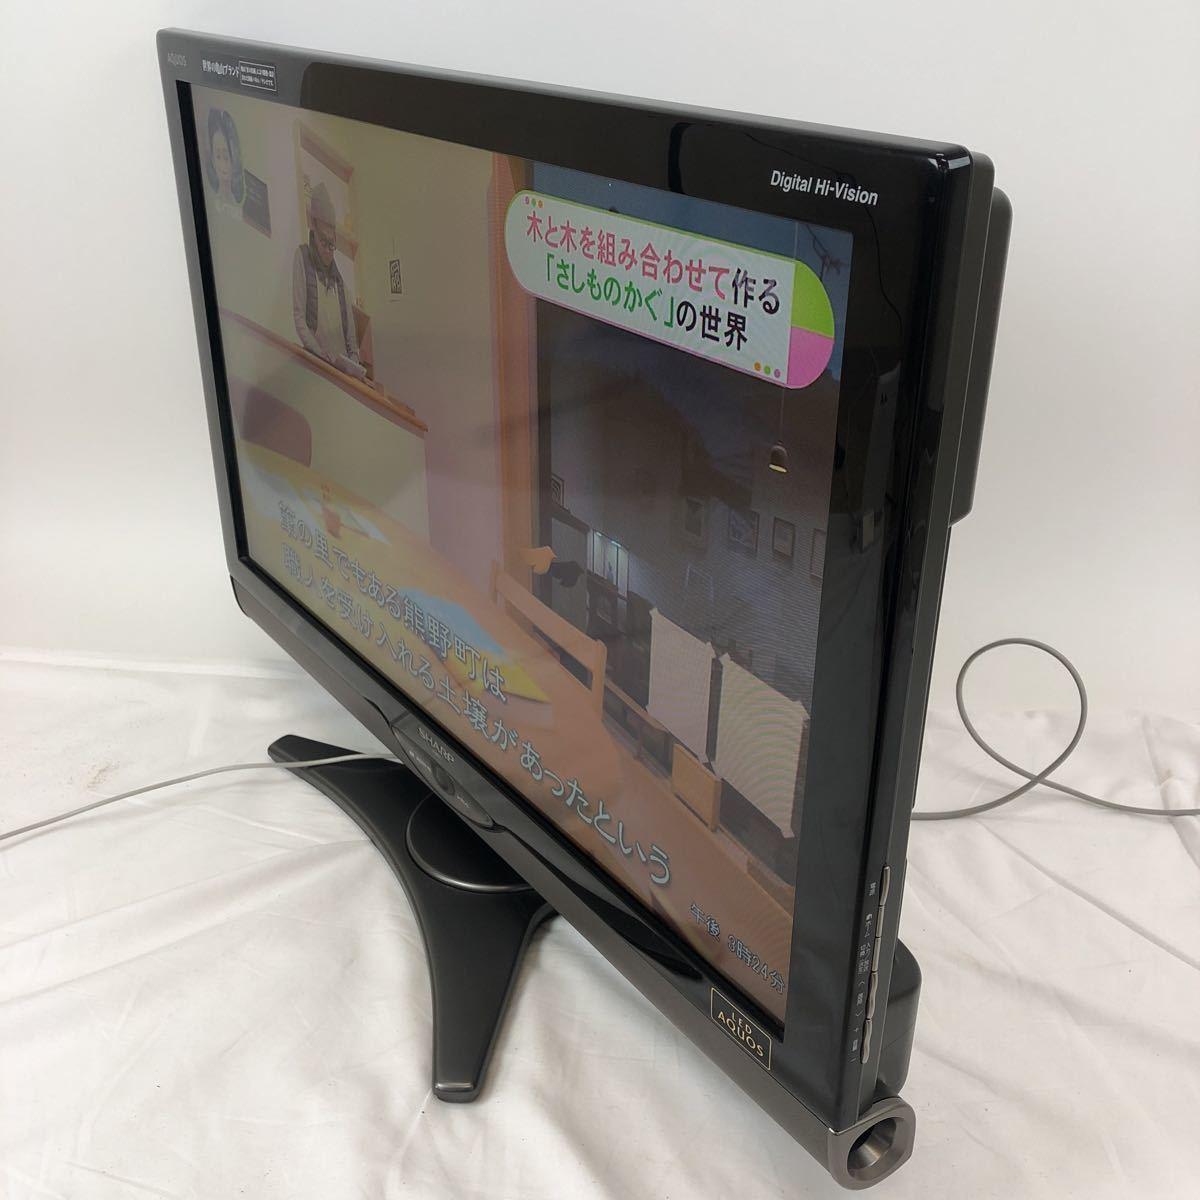 SHARP シャープ 32V型 液晶 テレビ AQUOS LC-32SC1 ハイビジョン_画像3